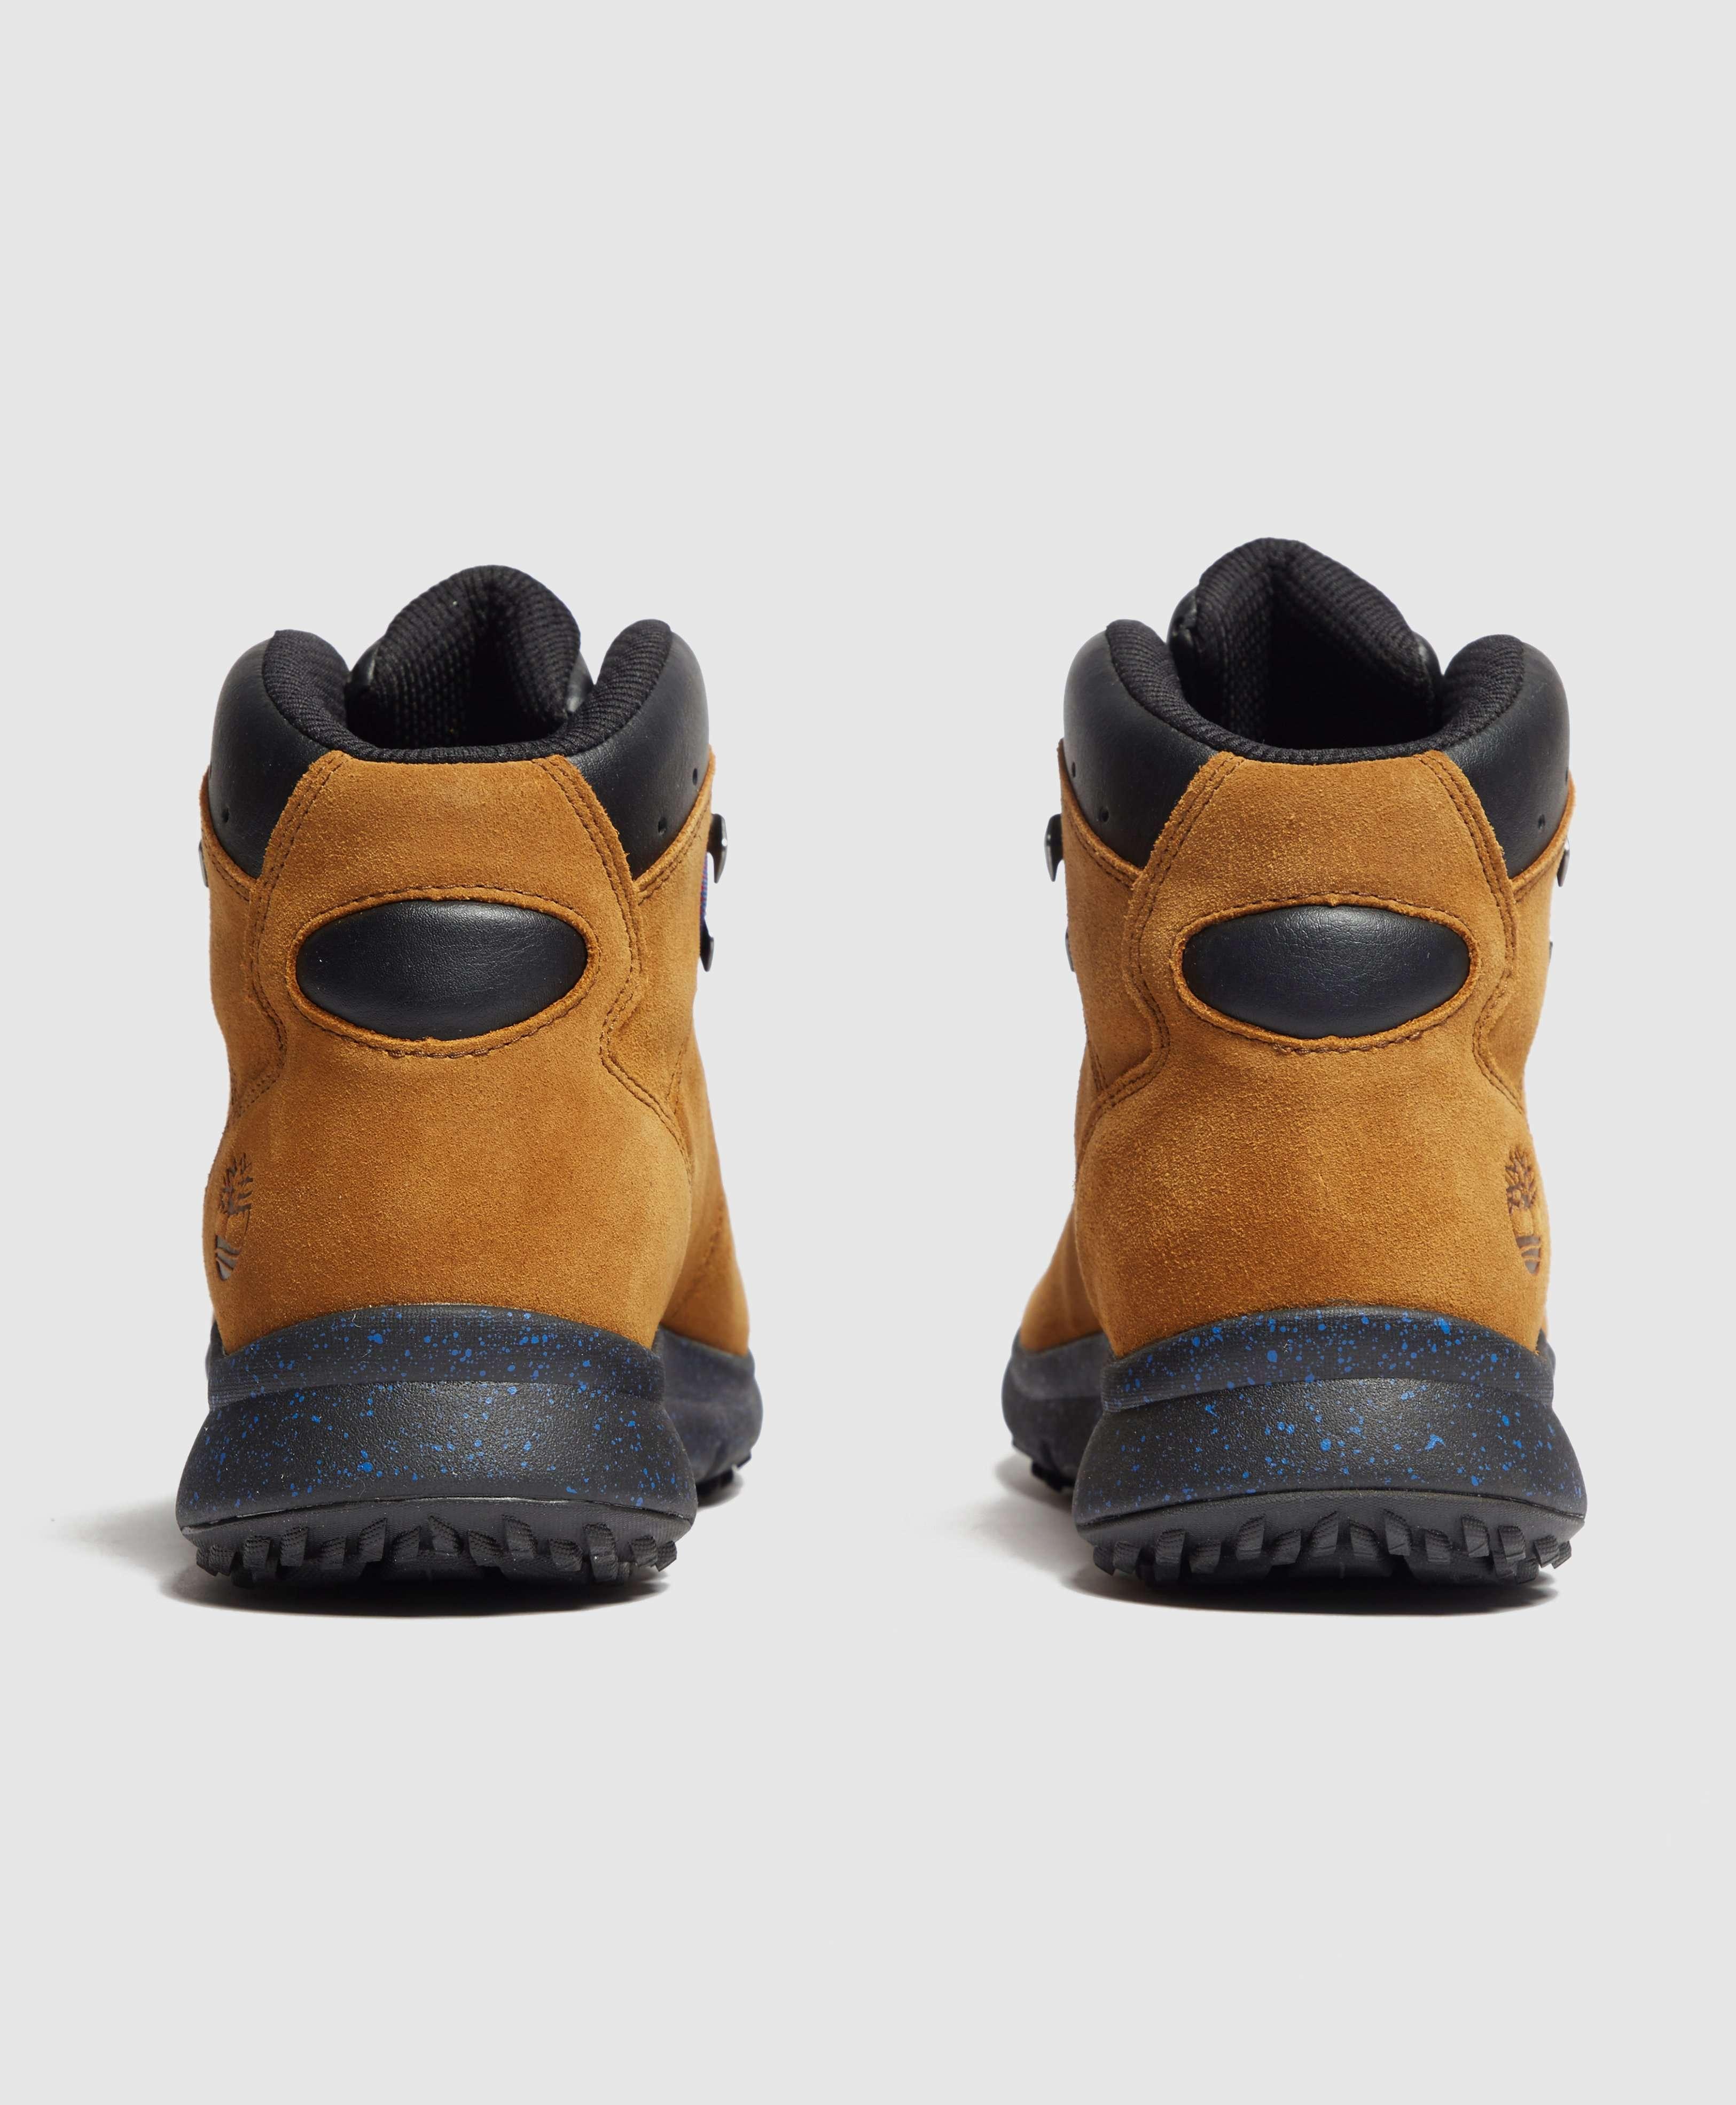 Timberland World Hiker Boots